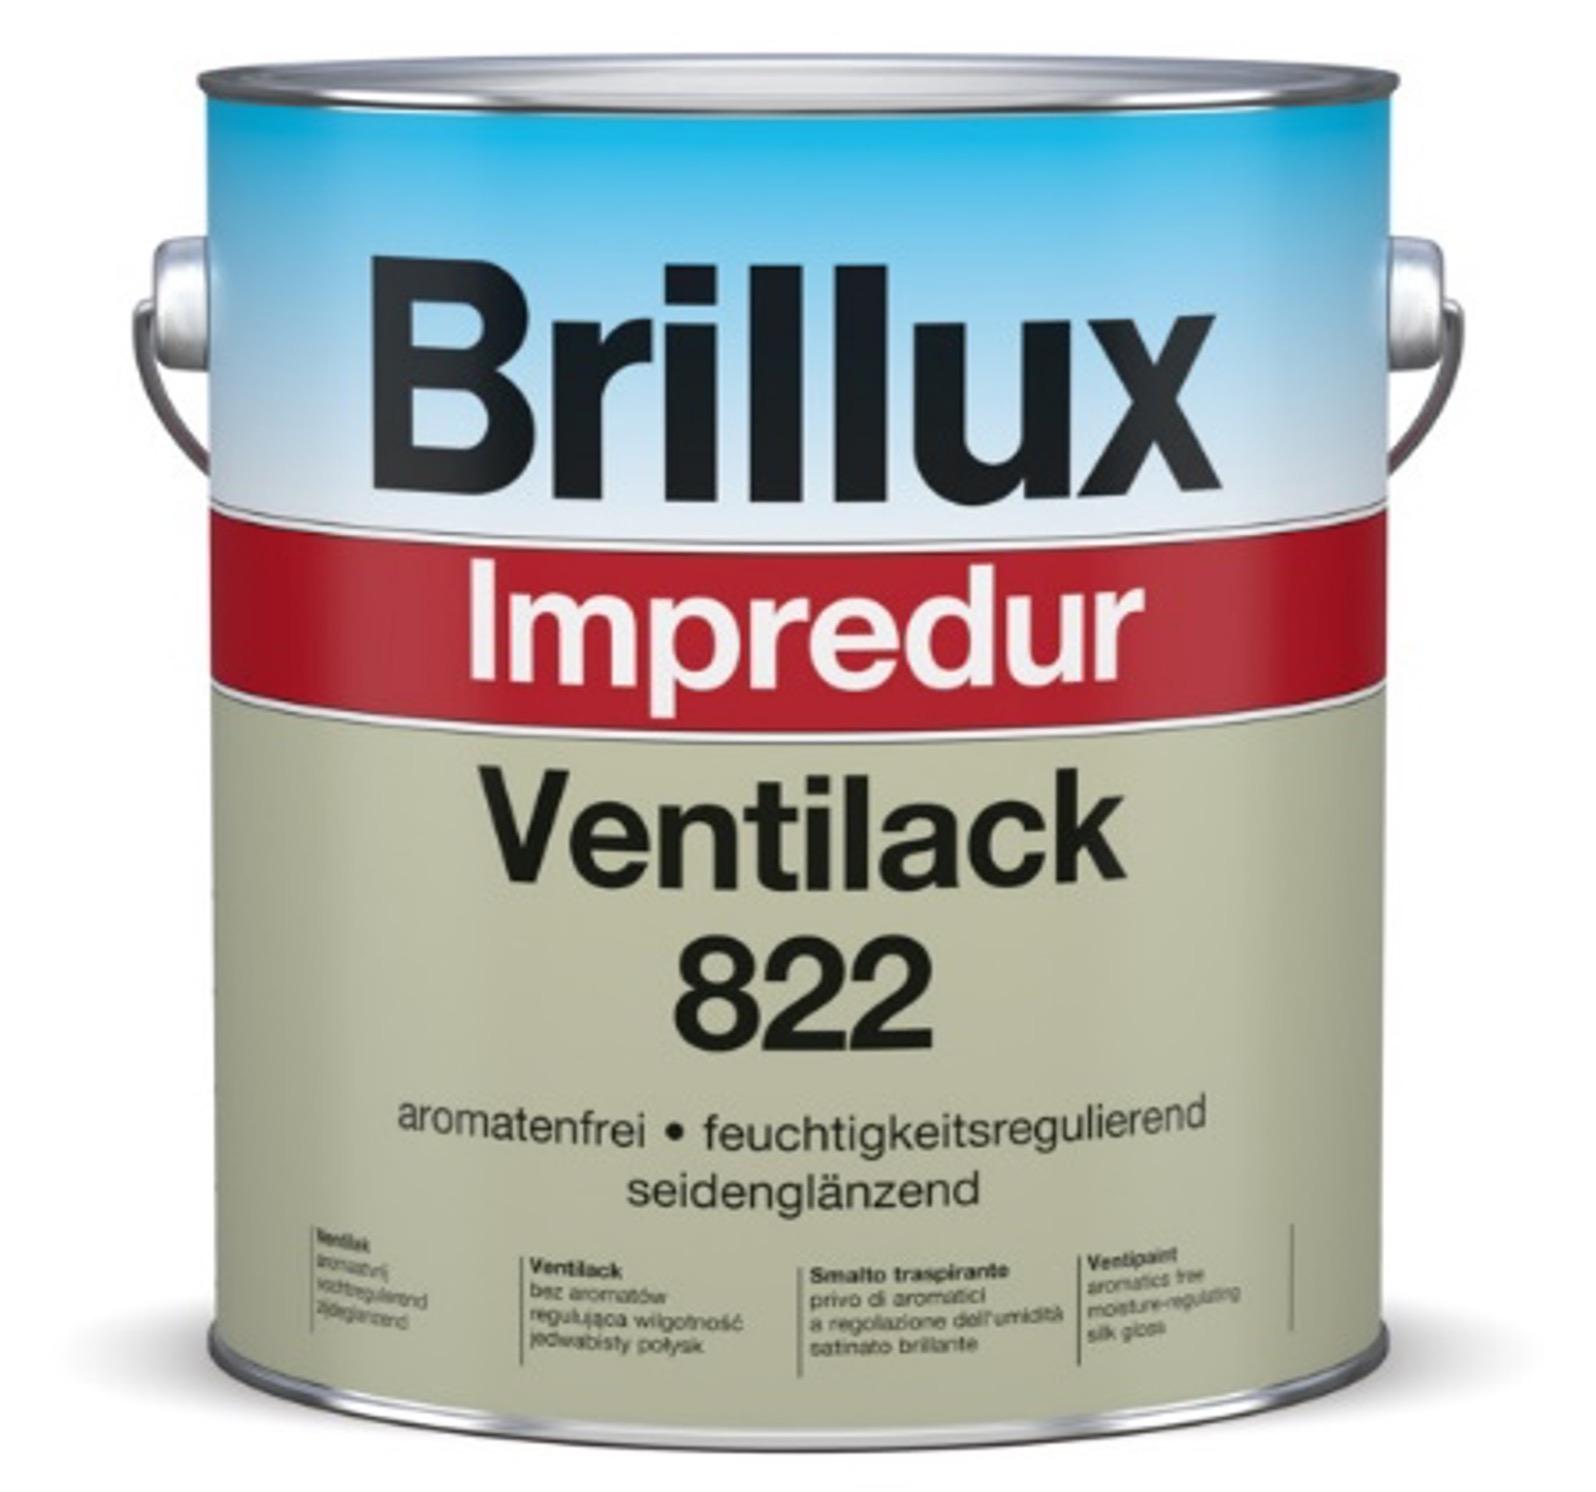 Brillux Impredur Ventilack 822 Grund-, Zwischen- und Schlussanstriche Image